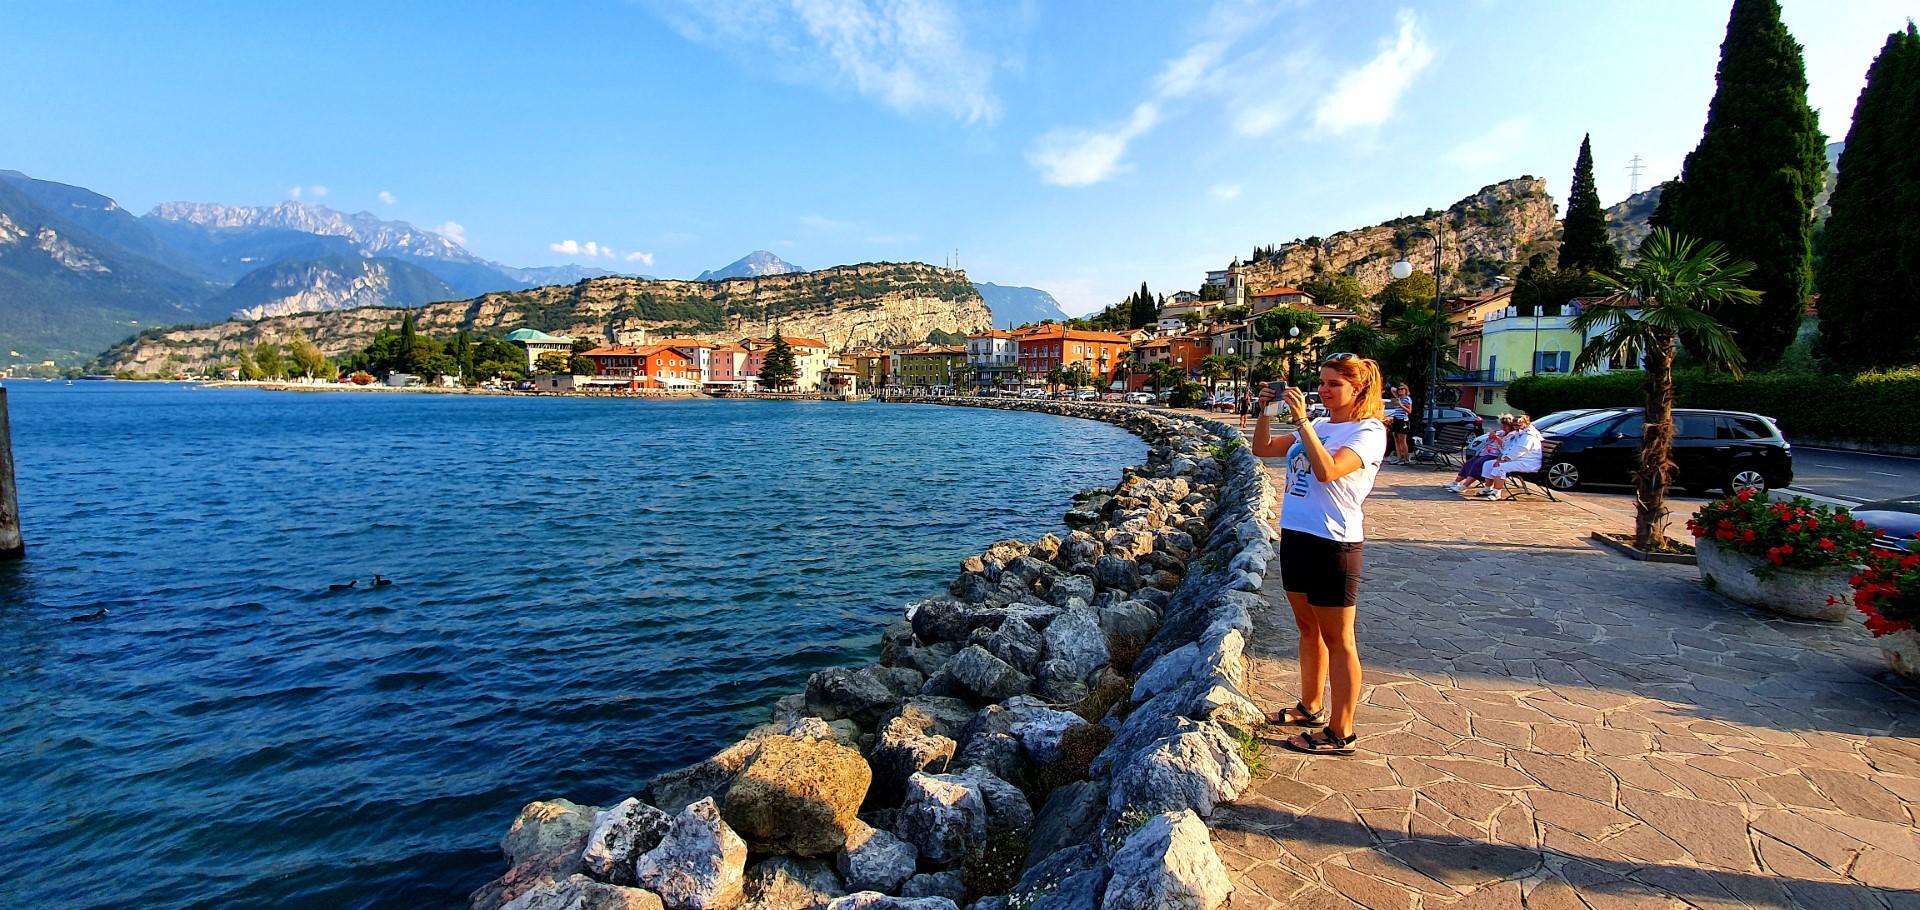 Dziewczyna robiąca zdjęcie nad brzegiem Jeziora Garda. Widok na Torbole sul Garda.